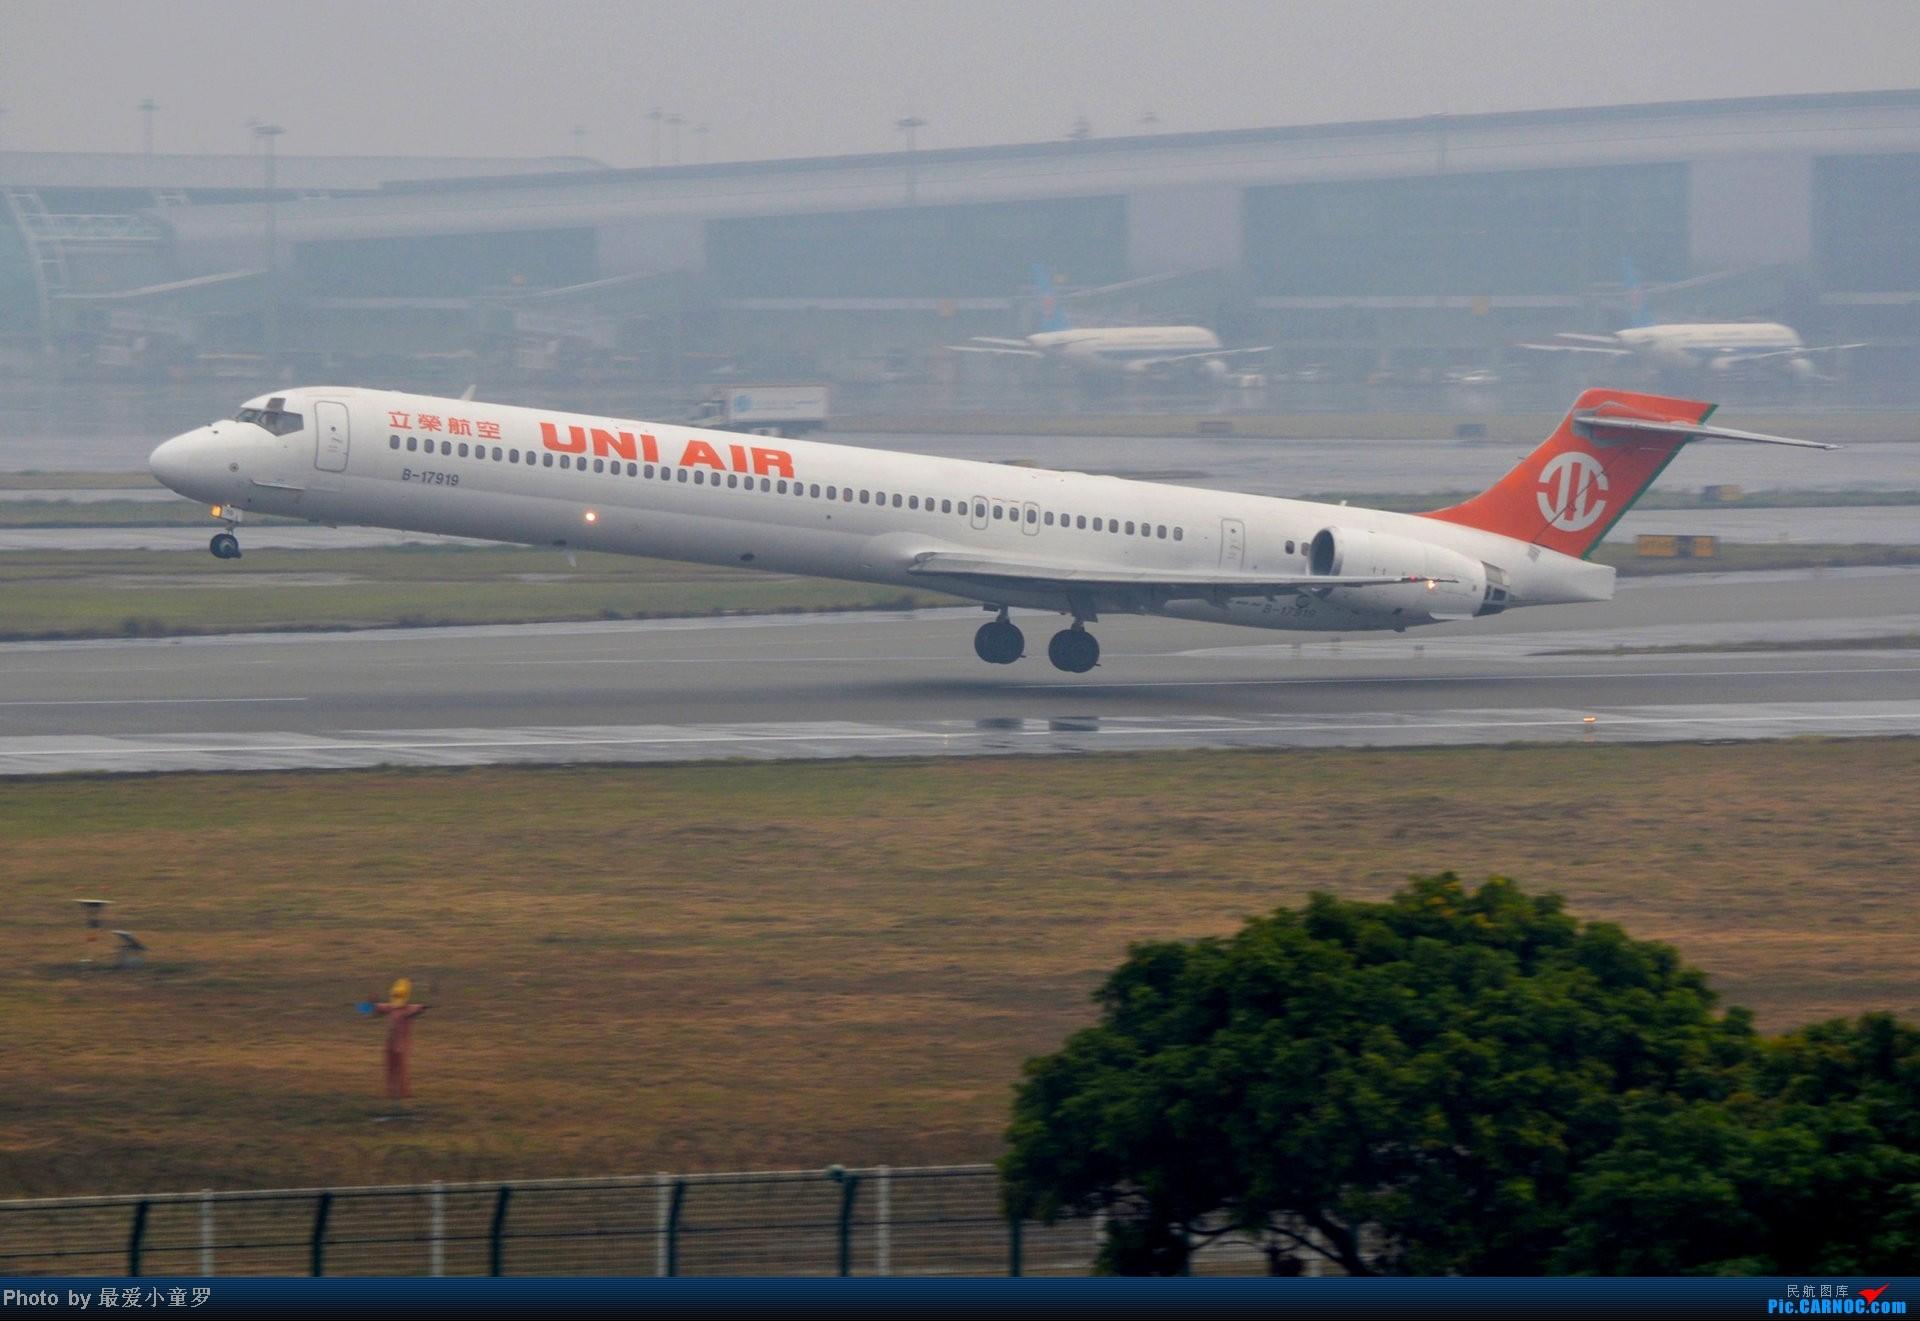 Re:[原创]去年在CAN拍国航757退役时候的那个冷雨周末 MD MD-90-30 B-17919 中国广州白云机场